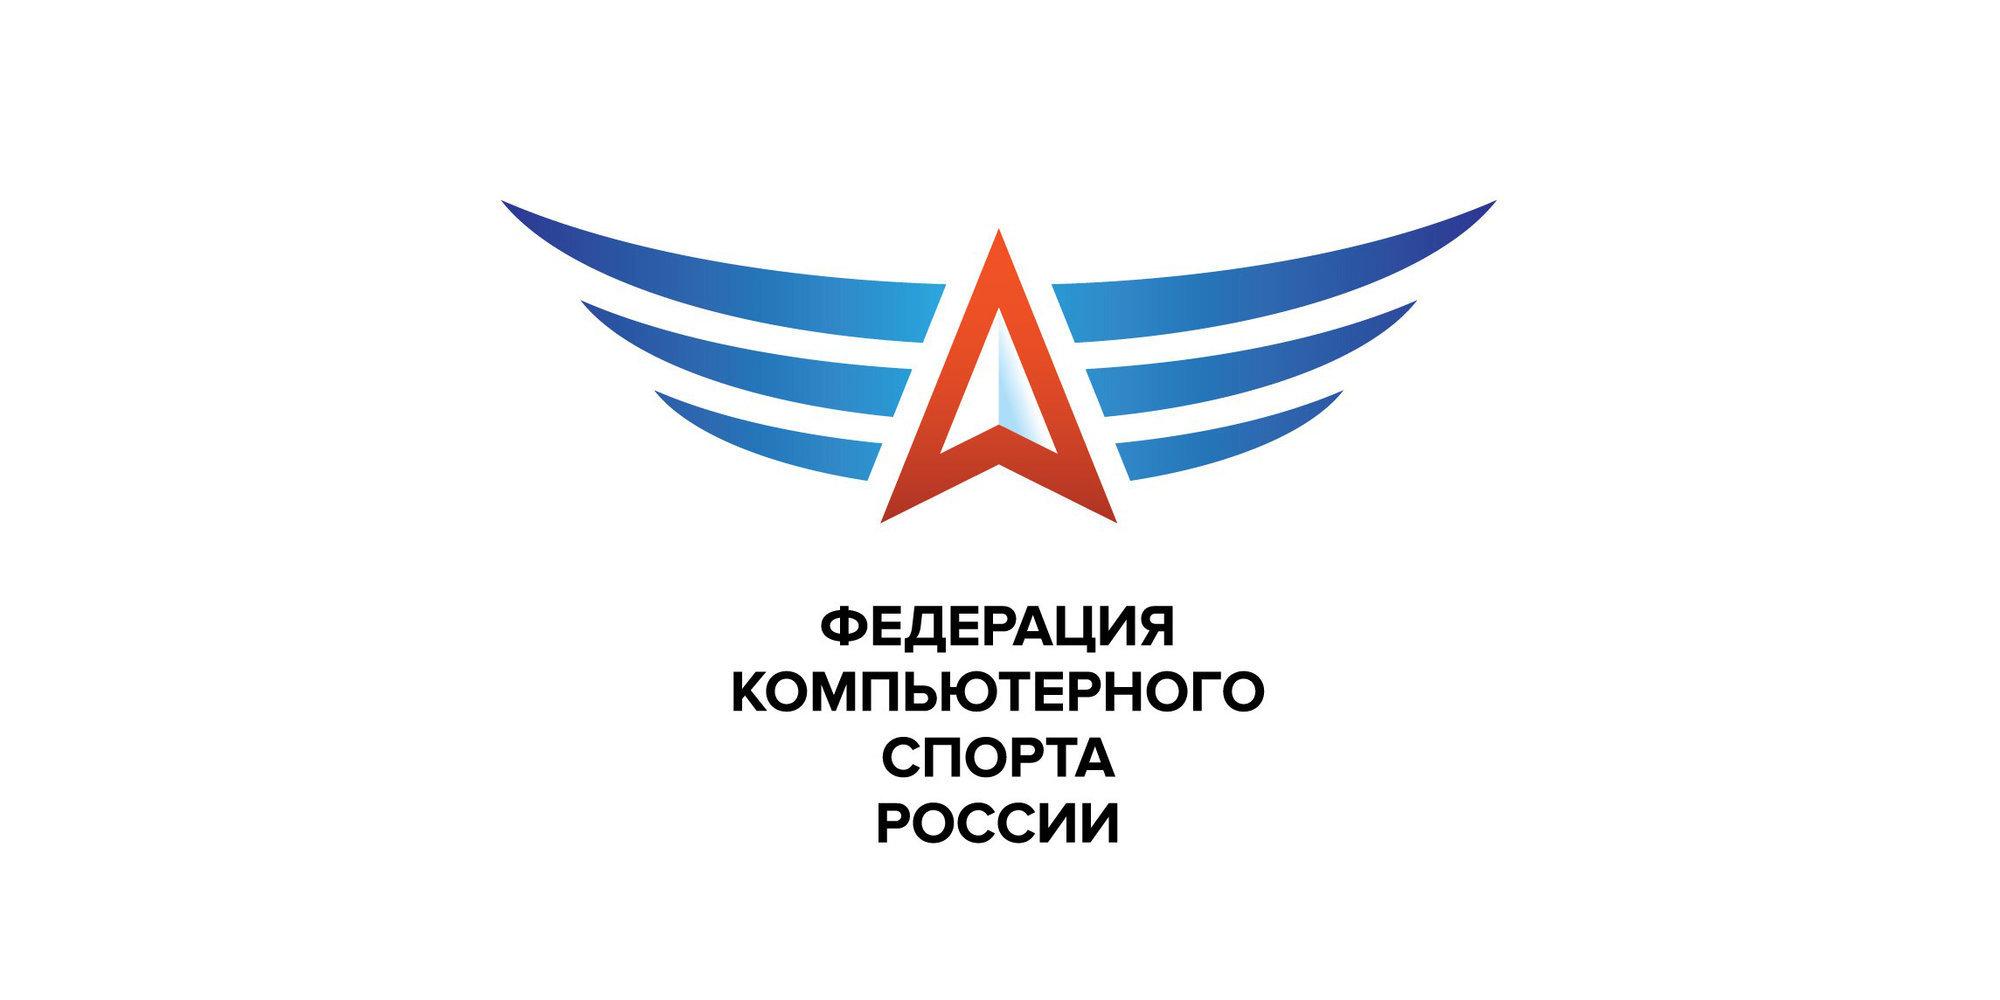 Челябинск примет финал чемпионата России по киберспорту